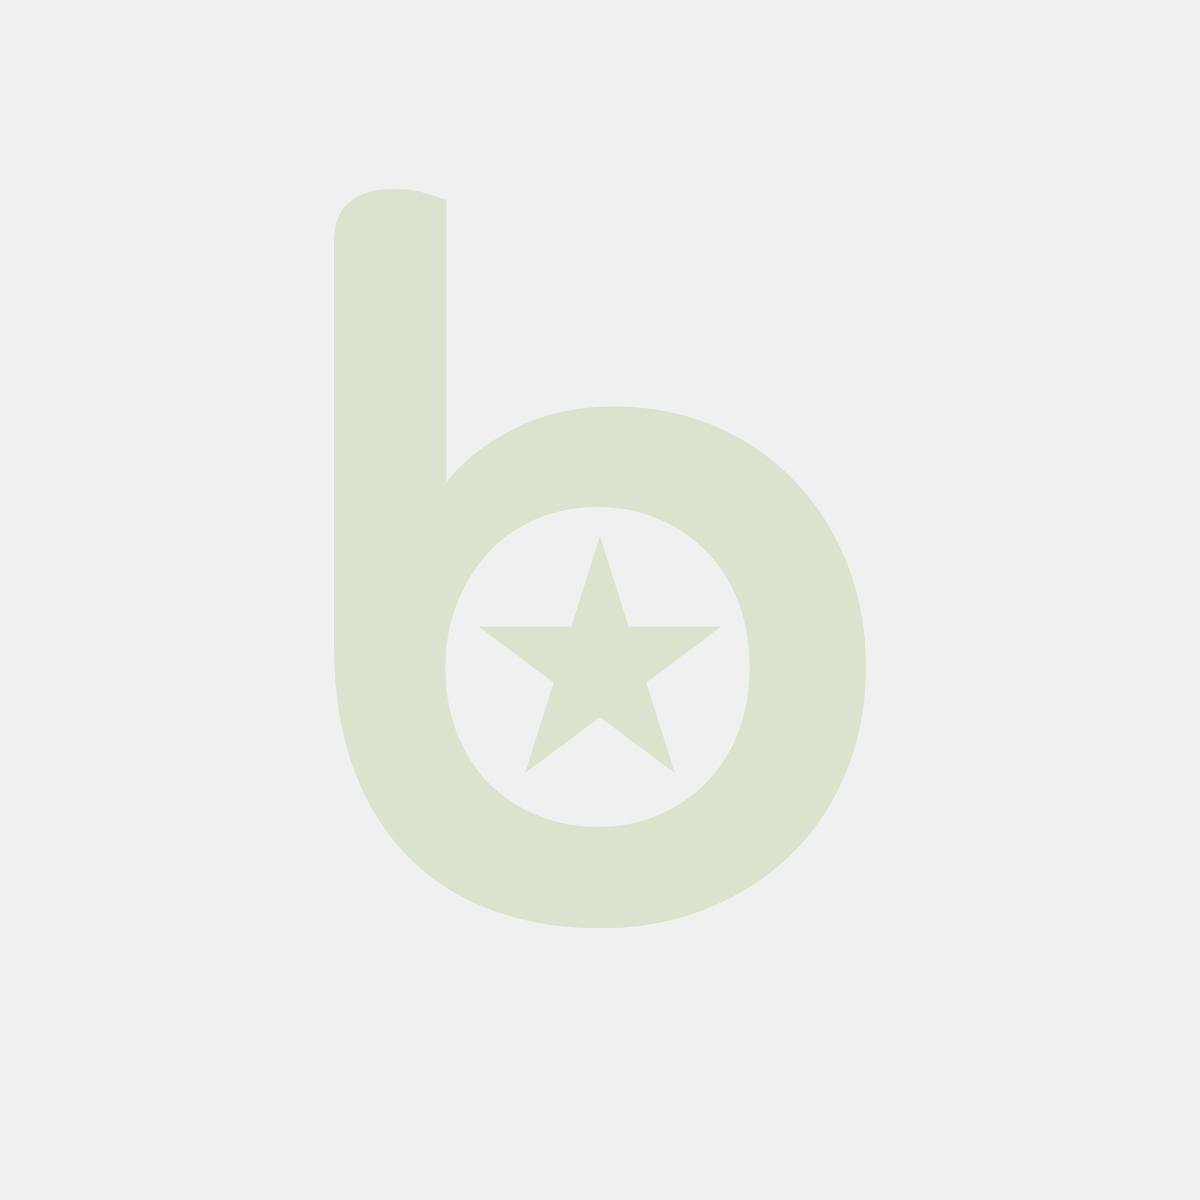 Koperta powietrzna B/12 Rozmiar wewnętr zny (mm) 120 x 220, Rozmiar zewnętrzny (